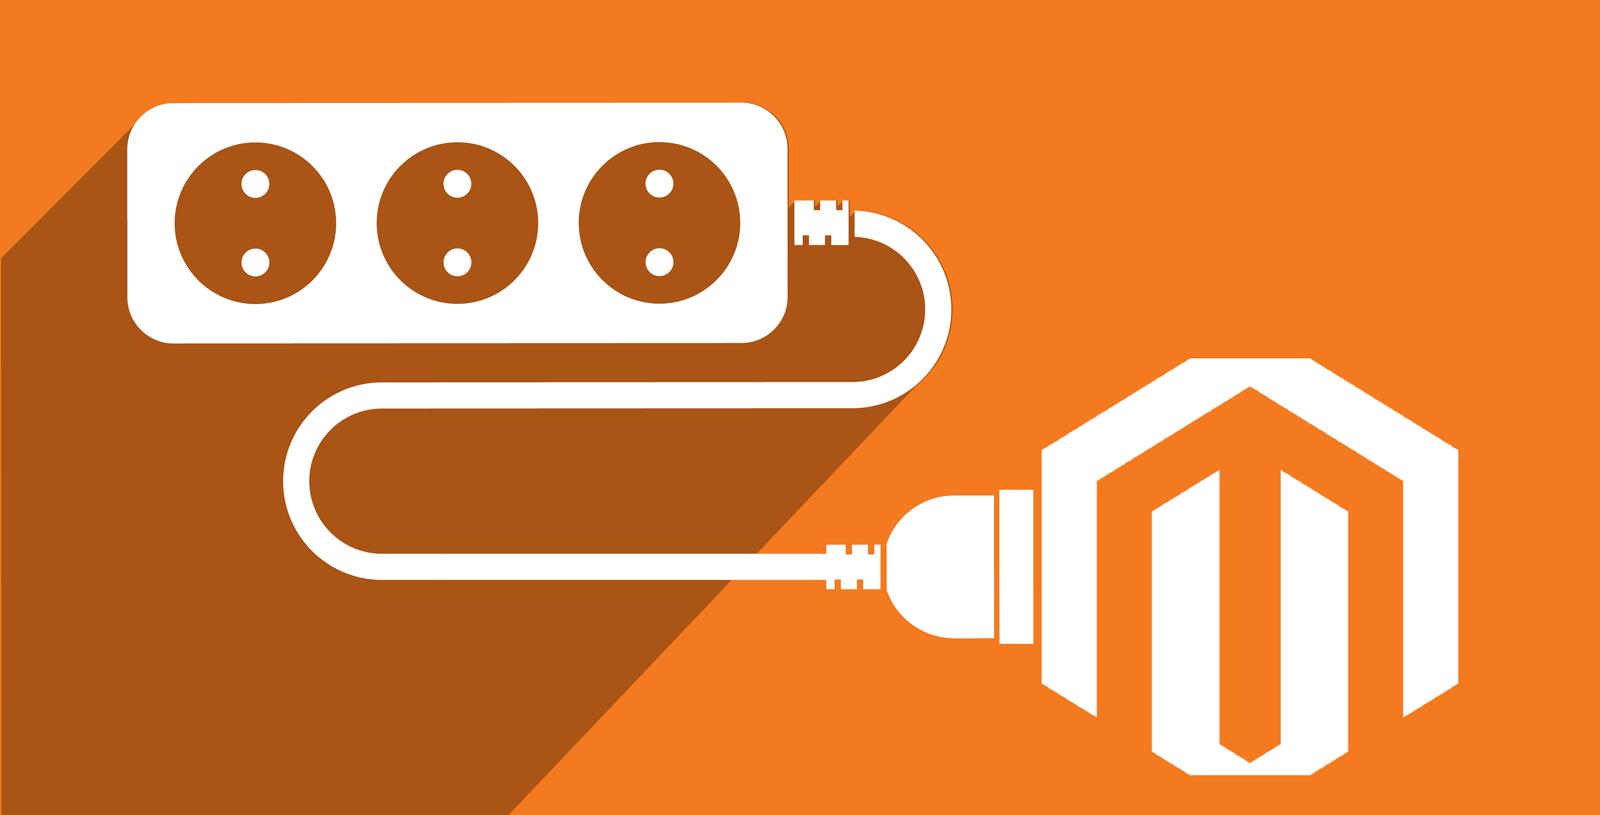 Τα κορυφαία 10 πλεονεκτήματα της χρήσης του Magento στο ηλεκτρονικό εμπόριο